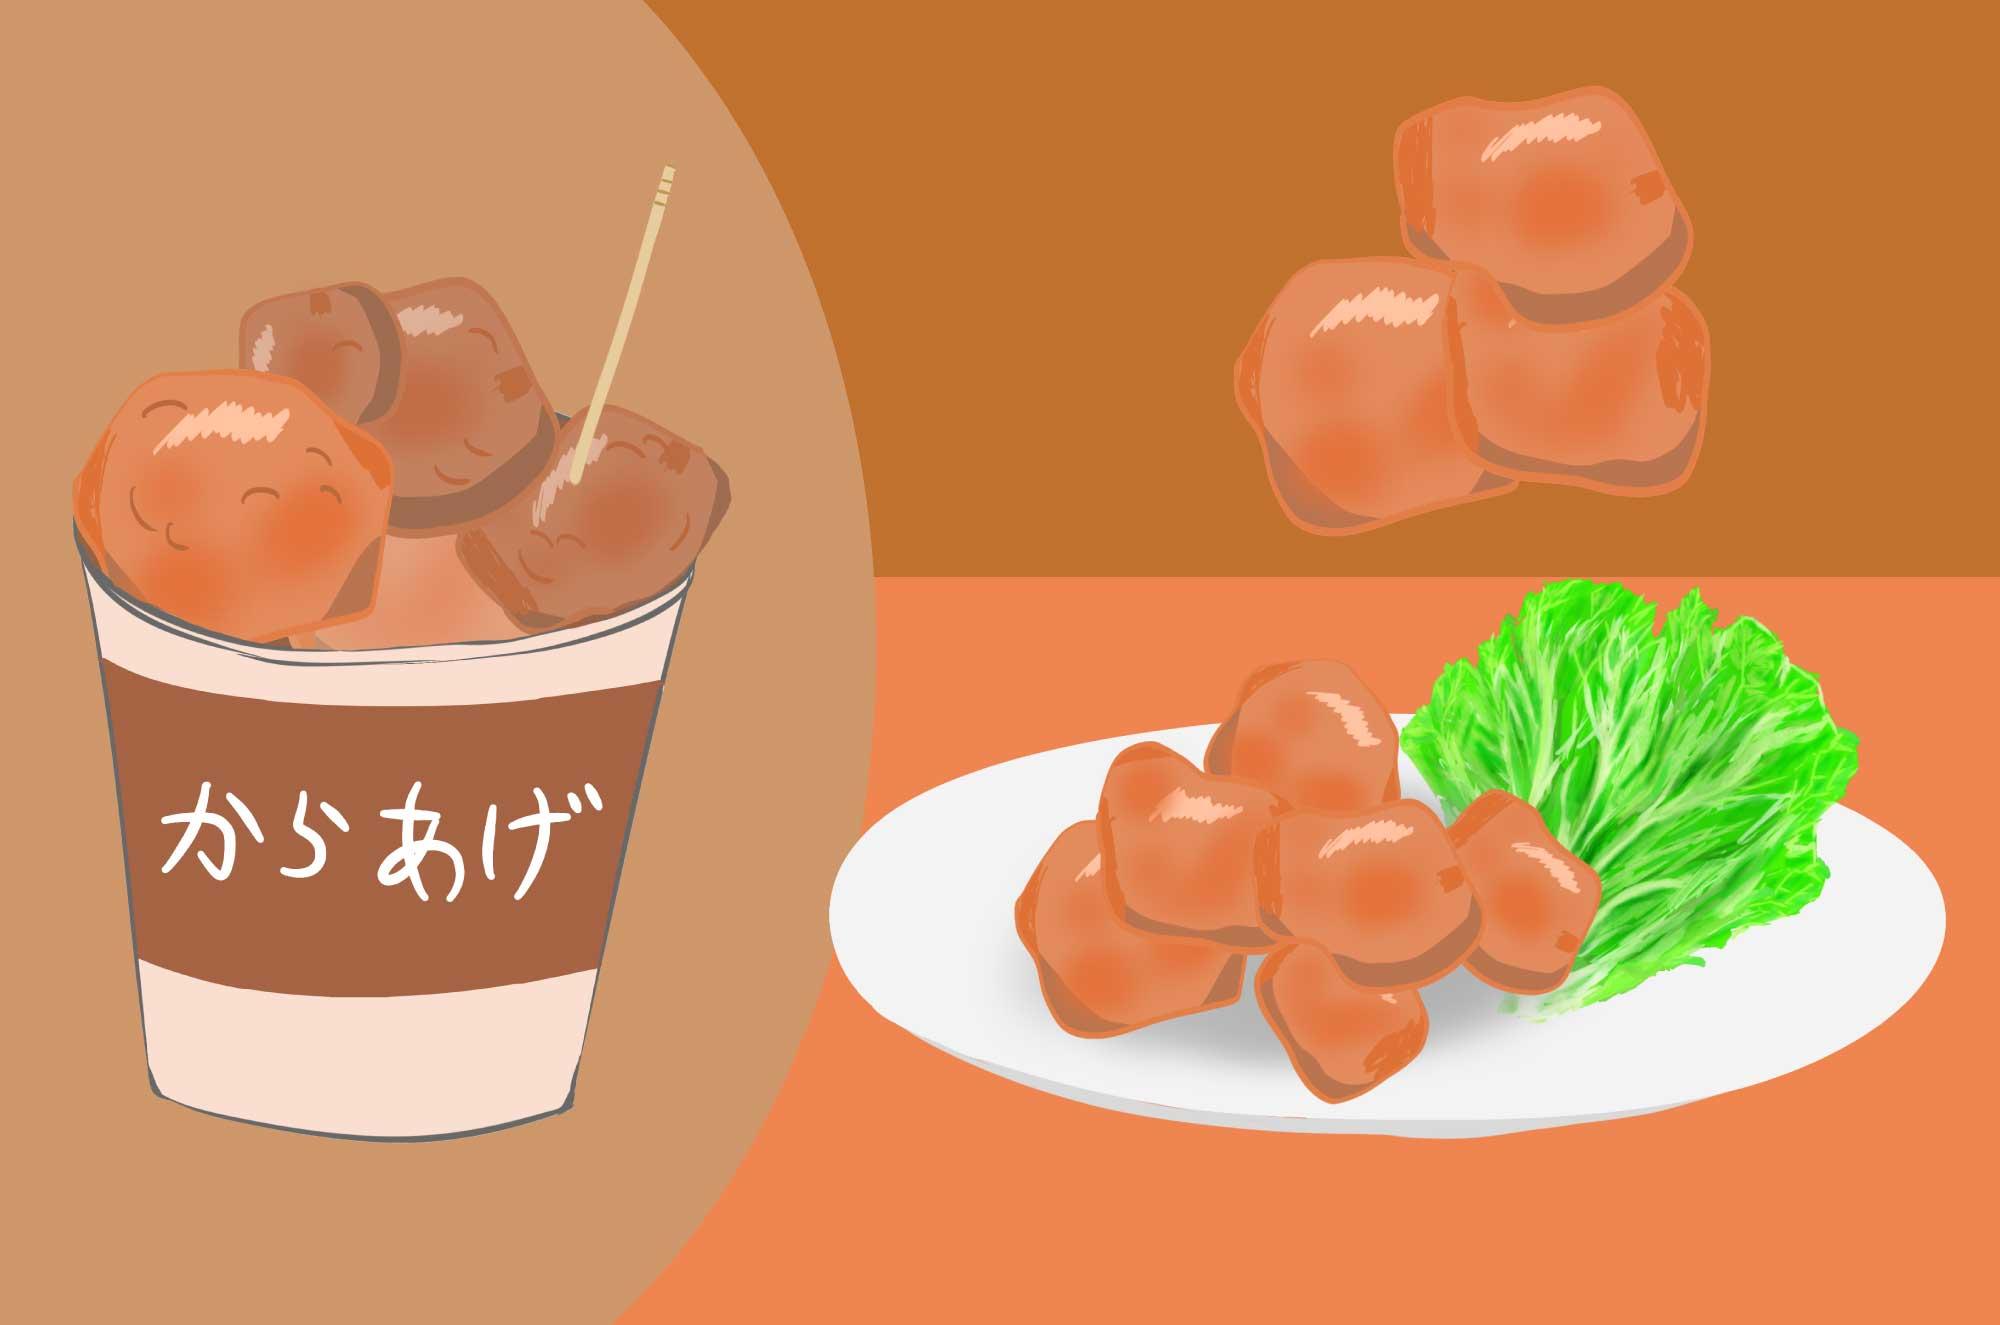 熱々唐揚げの無料イラスト - 献立の食べ物フリー素材